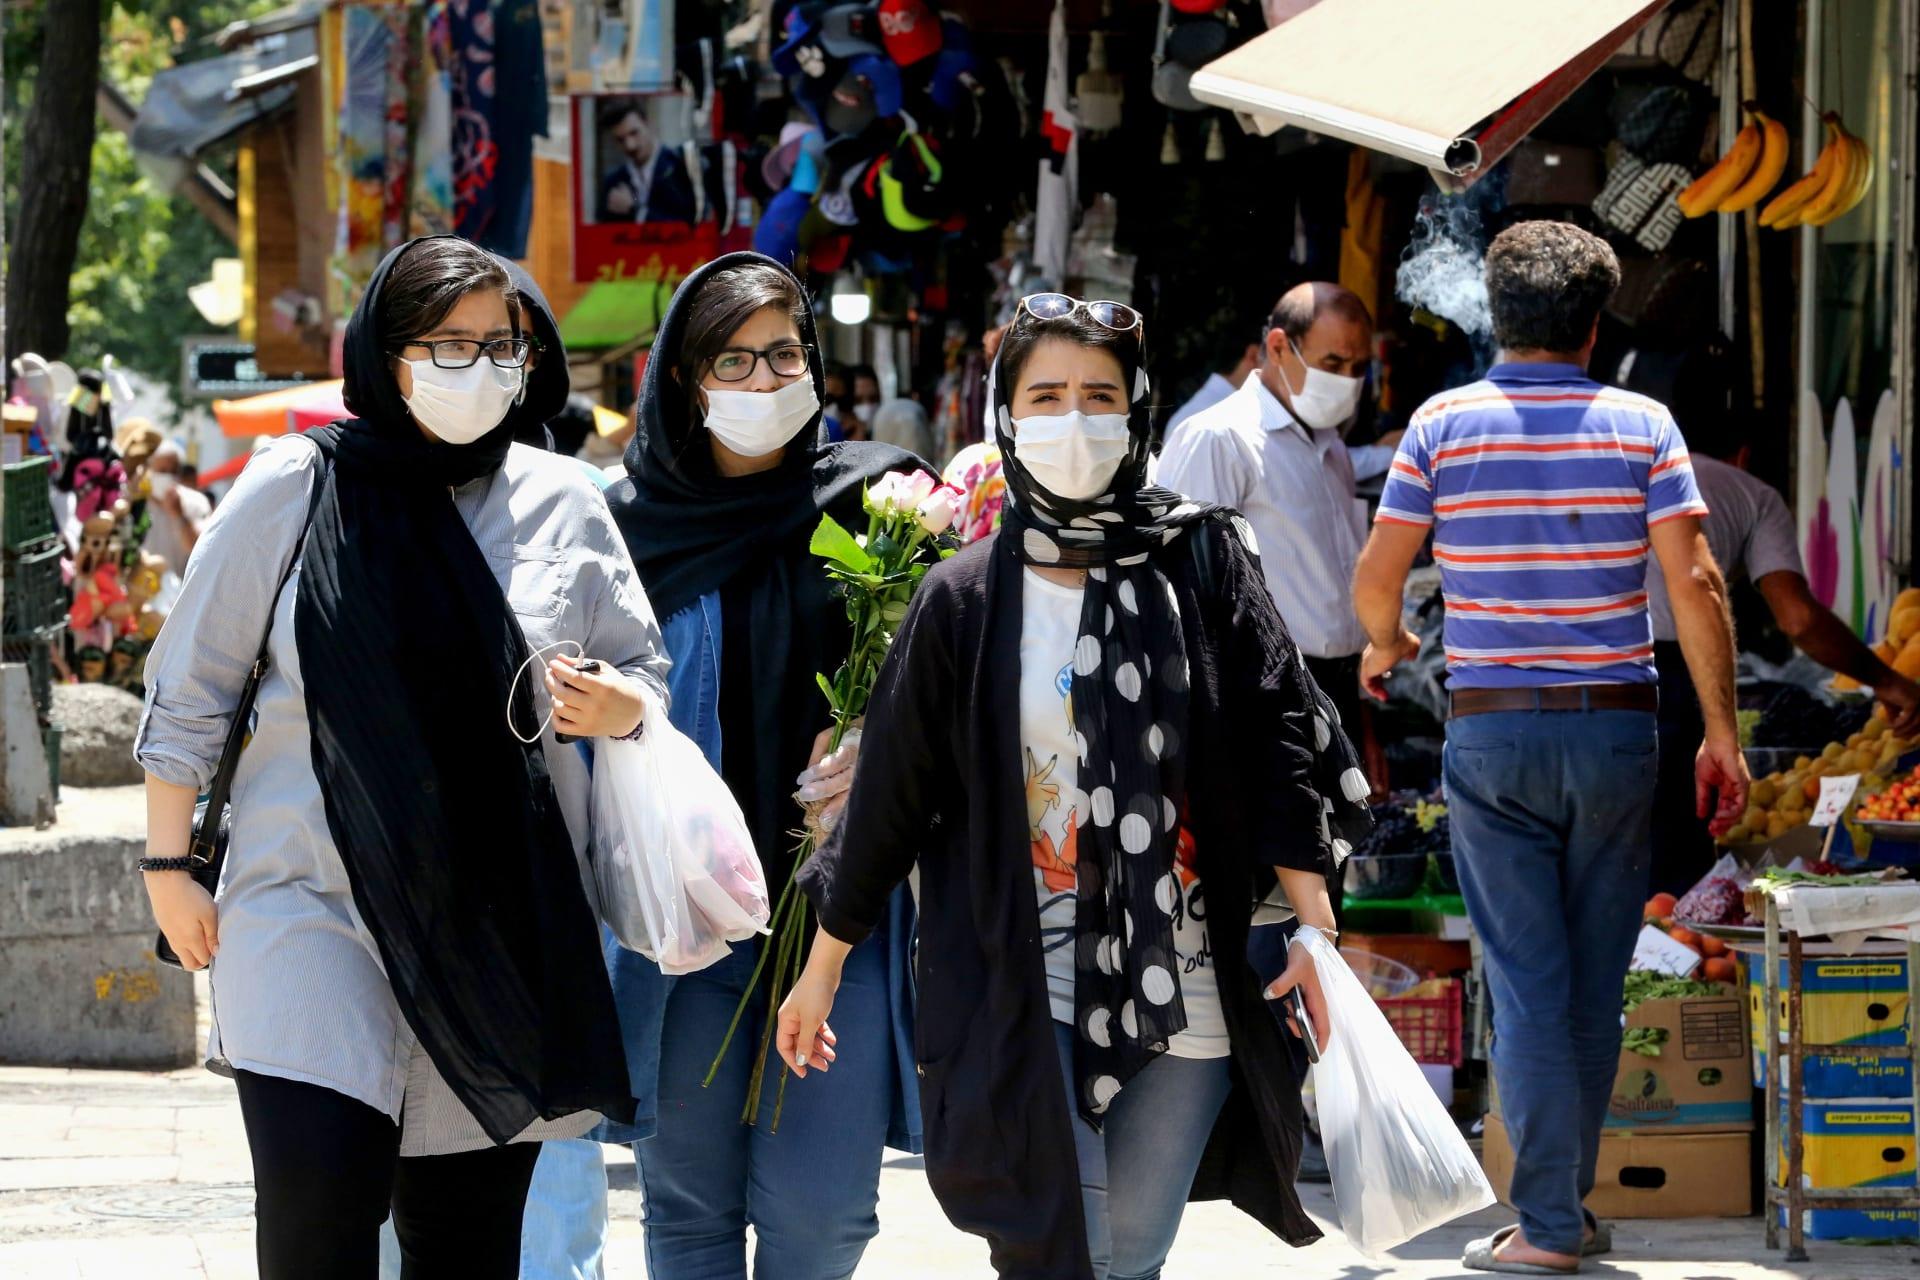 إيران: إصابات جديدة لفيروس كورونا تتخطى 6 آلاف.. وأكثر من 100 حالة وفاة